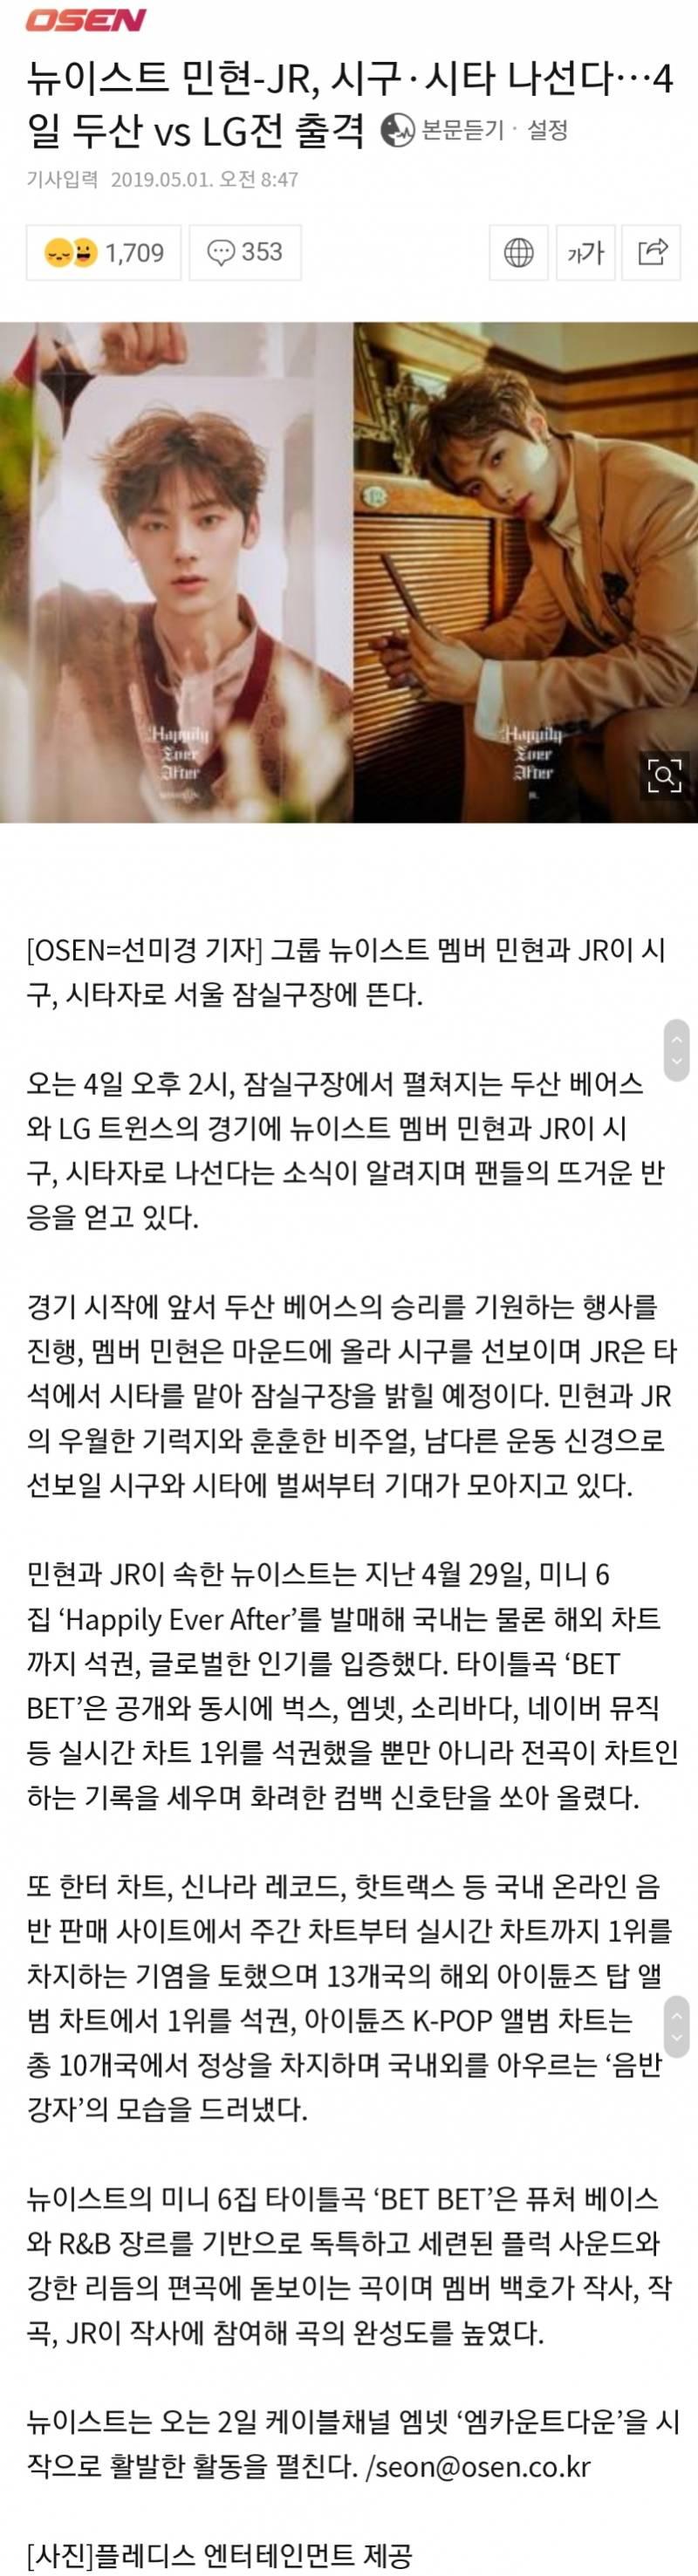 4일(토), 뉴이스트 두산vsLG전 시구(민현)시타(종현)🐢🦊 | 인스티즈